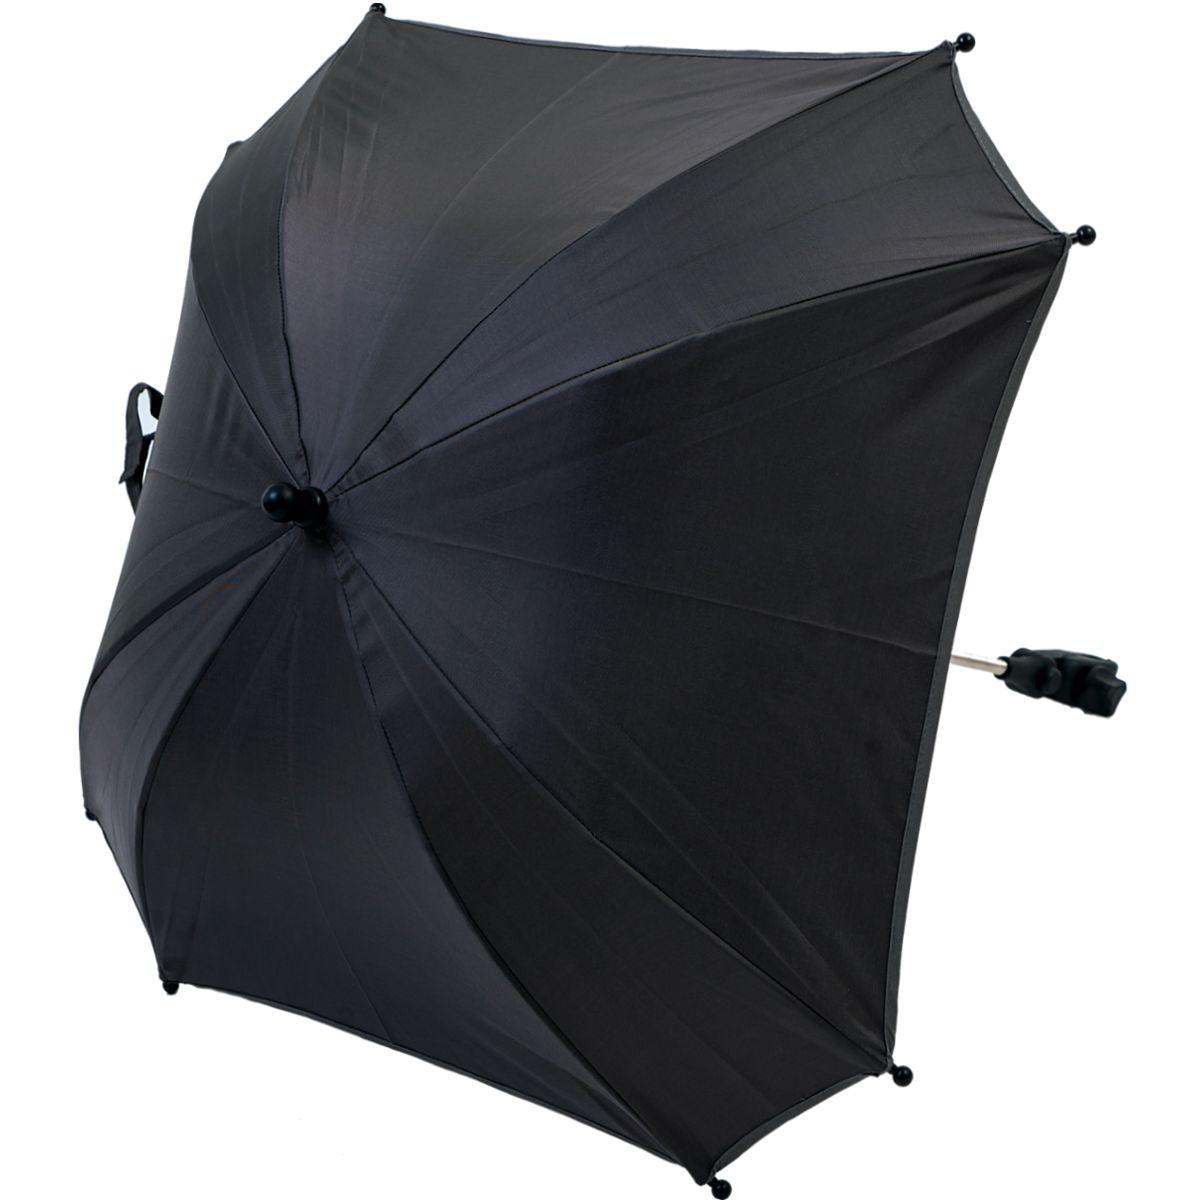 xl sonnenschirm schirm f r kinderwagen buggy uv schutz 50 sonnenschutz 80cm ebay. Black Bedroom Furniture Sets. Home Design Ideas